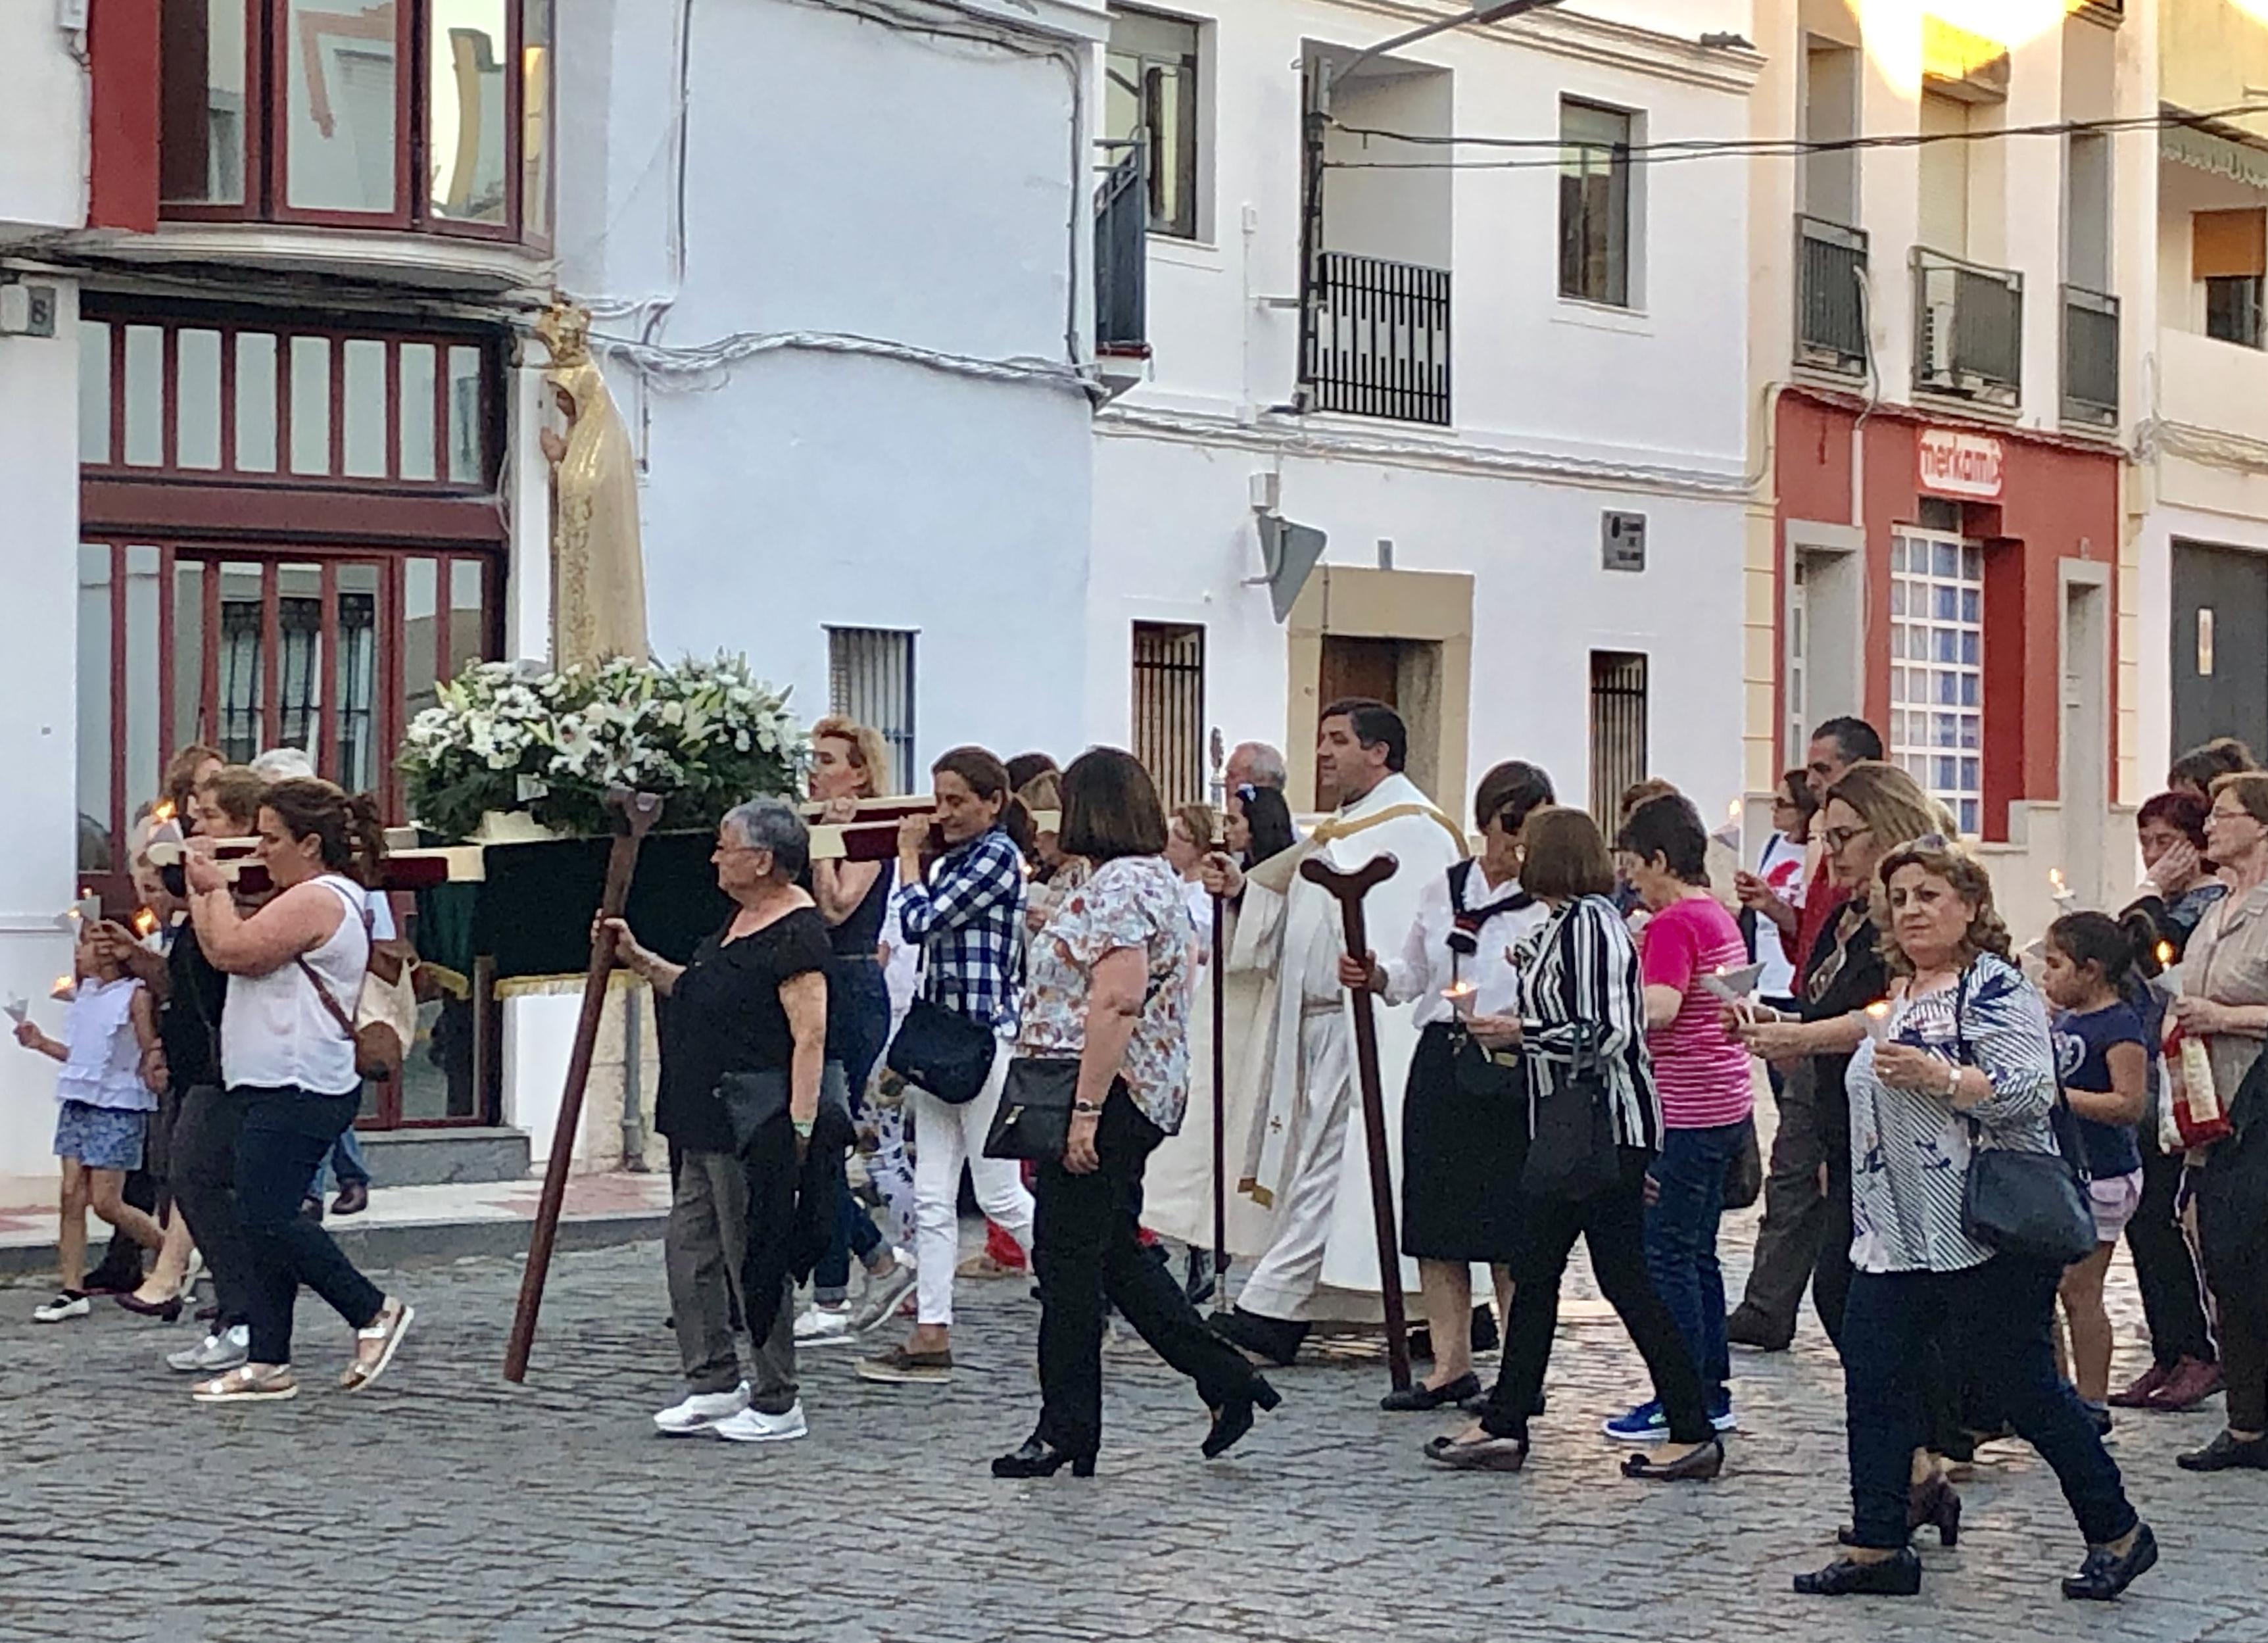 Un centenar de fieles acompañaron a la Virgen de Fátima en procesión